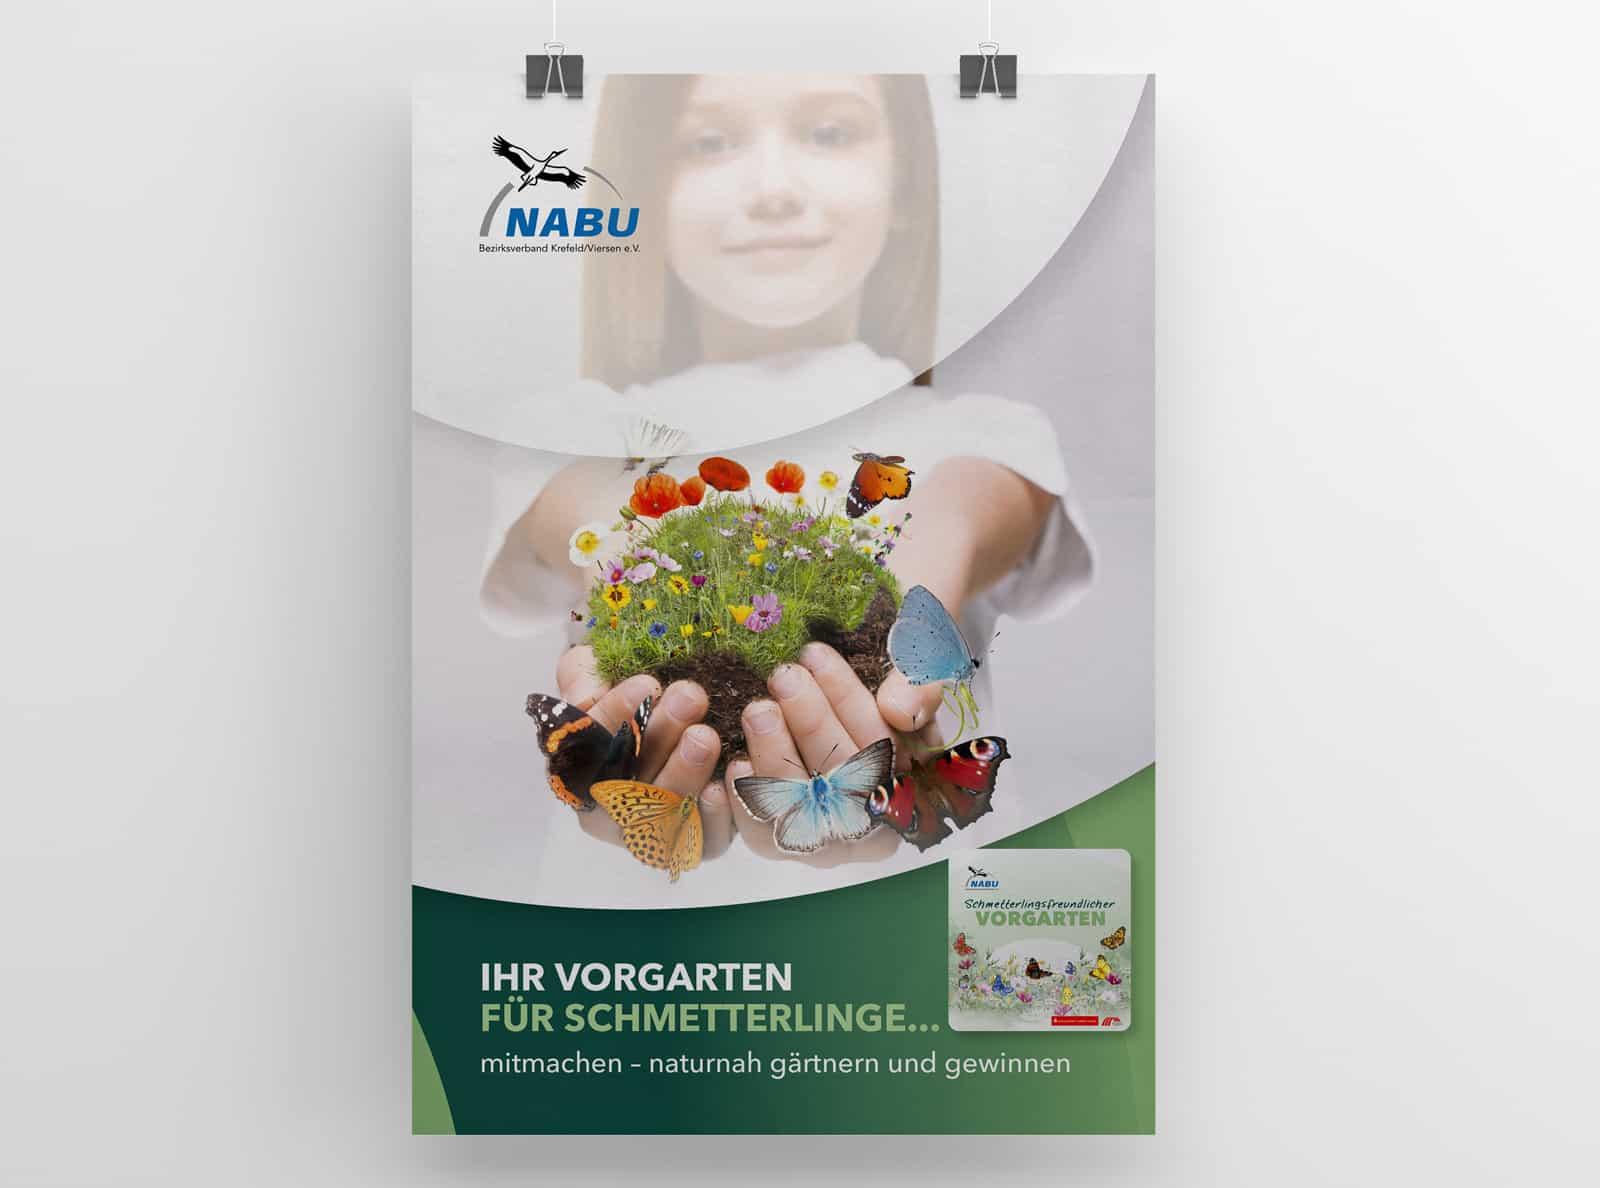 Nabu_Krefeld-Viersen_Vorgarten-Wettbewerb_Plakat02